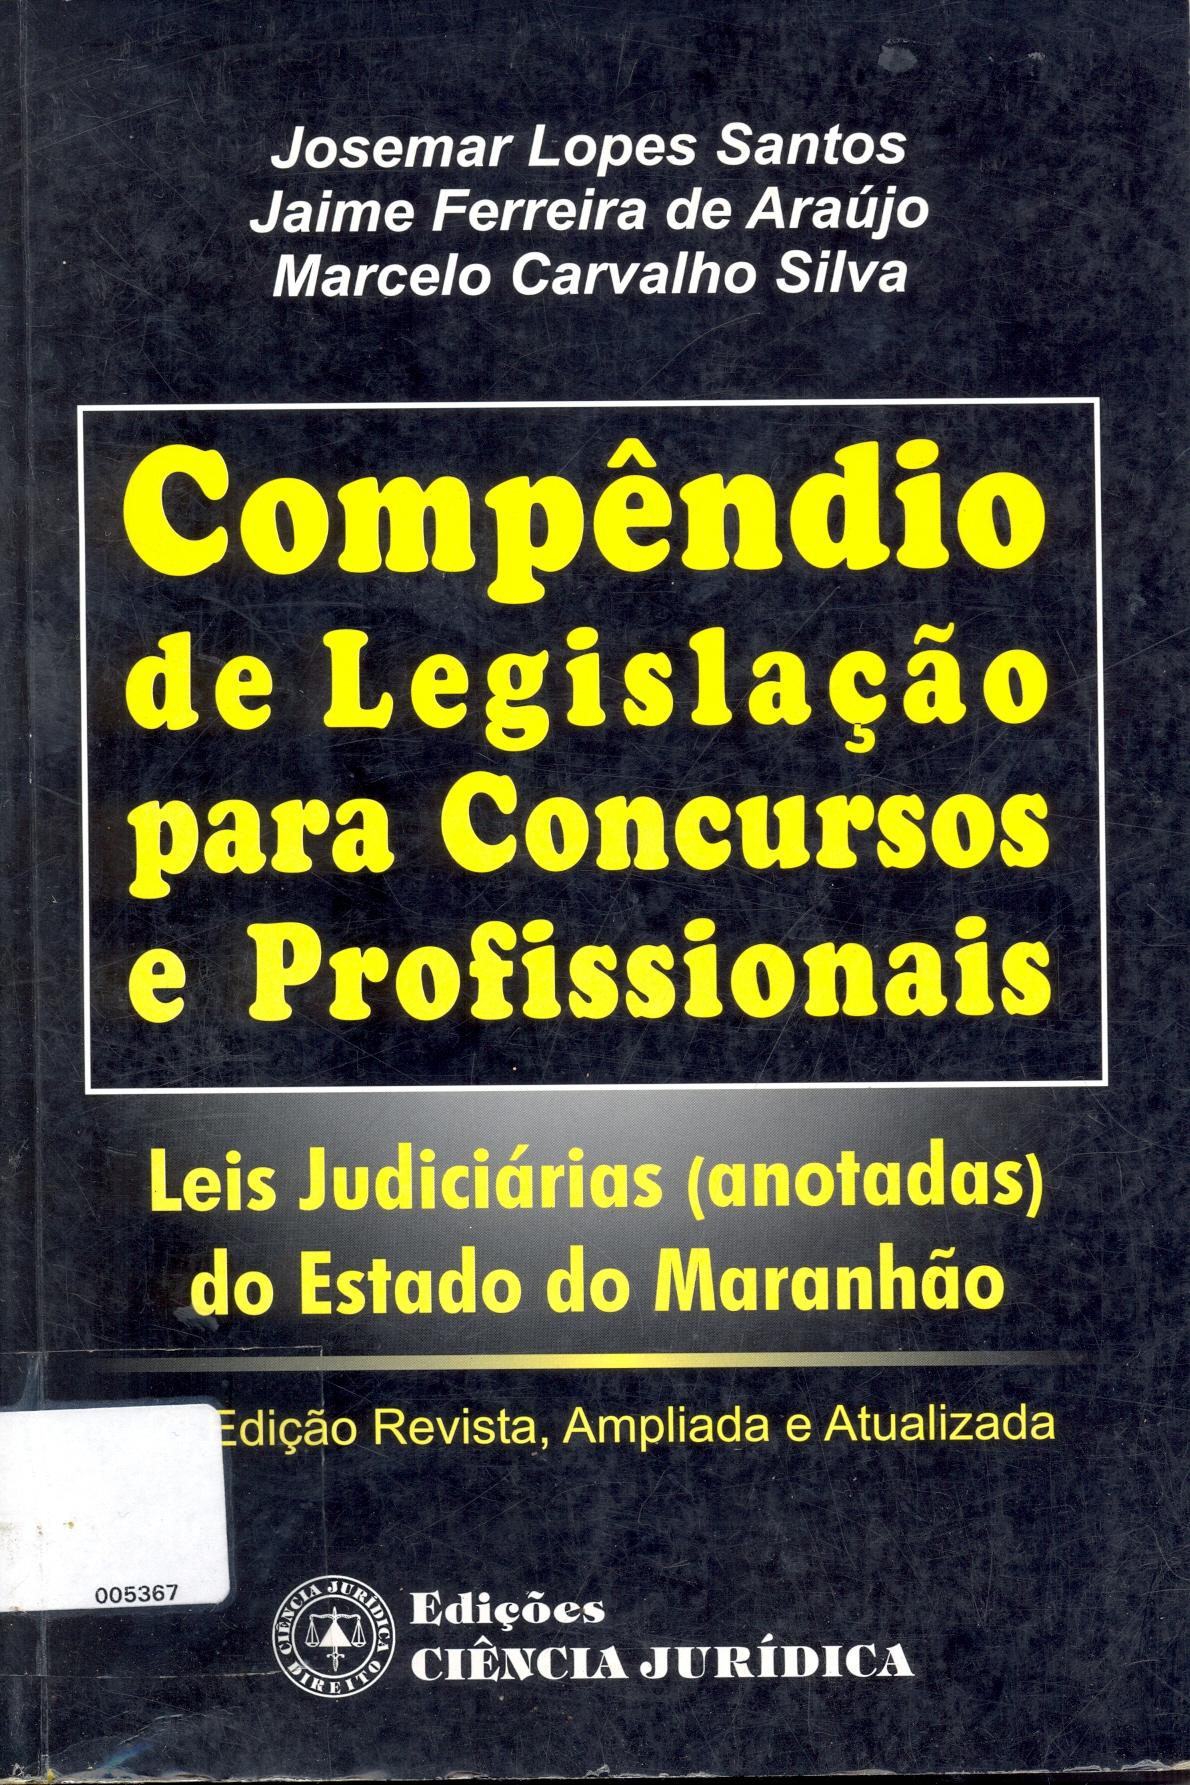 Compêndio de Legislação para Concursos e Profissionais: Leis Judiciárias (anotadas) do Estado do Maranhão